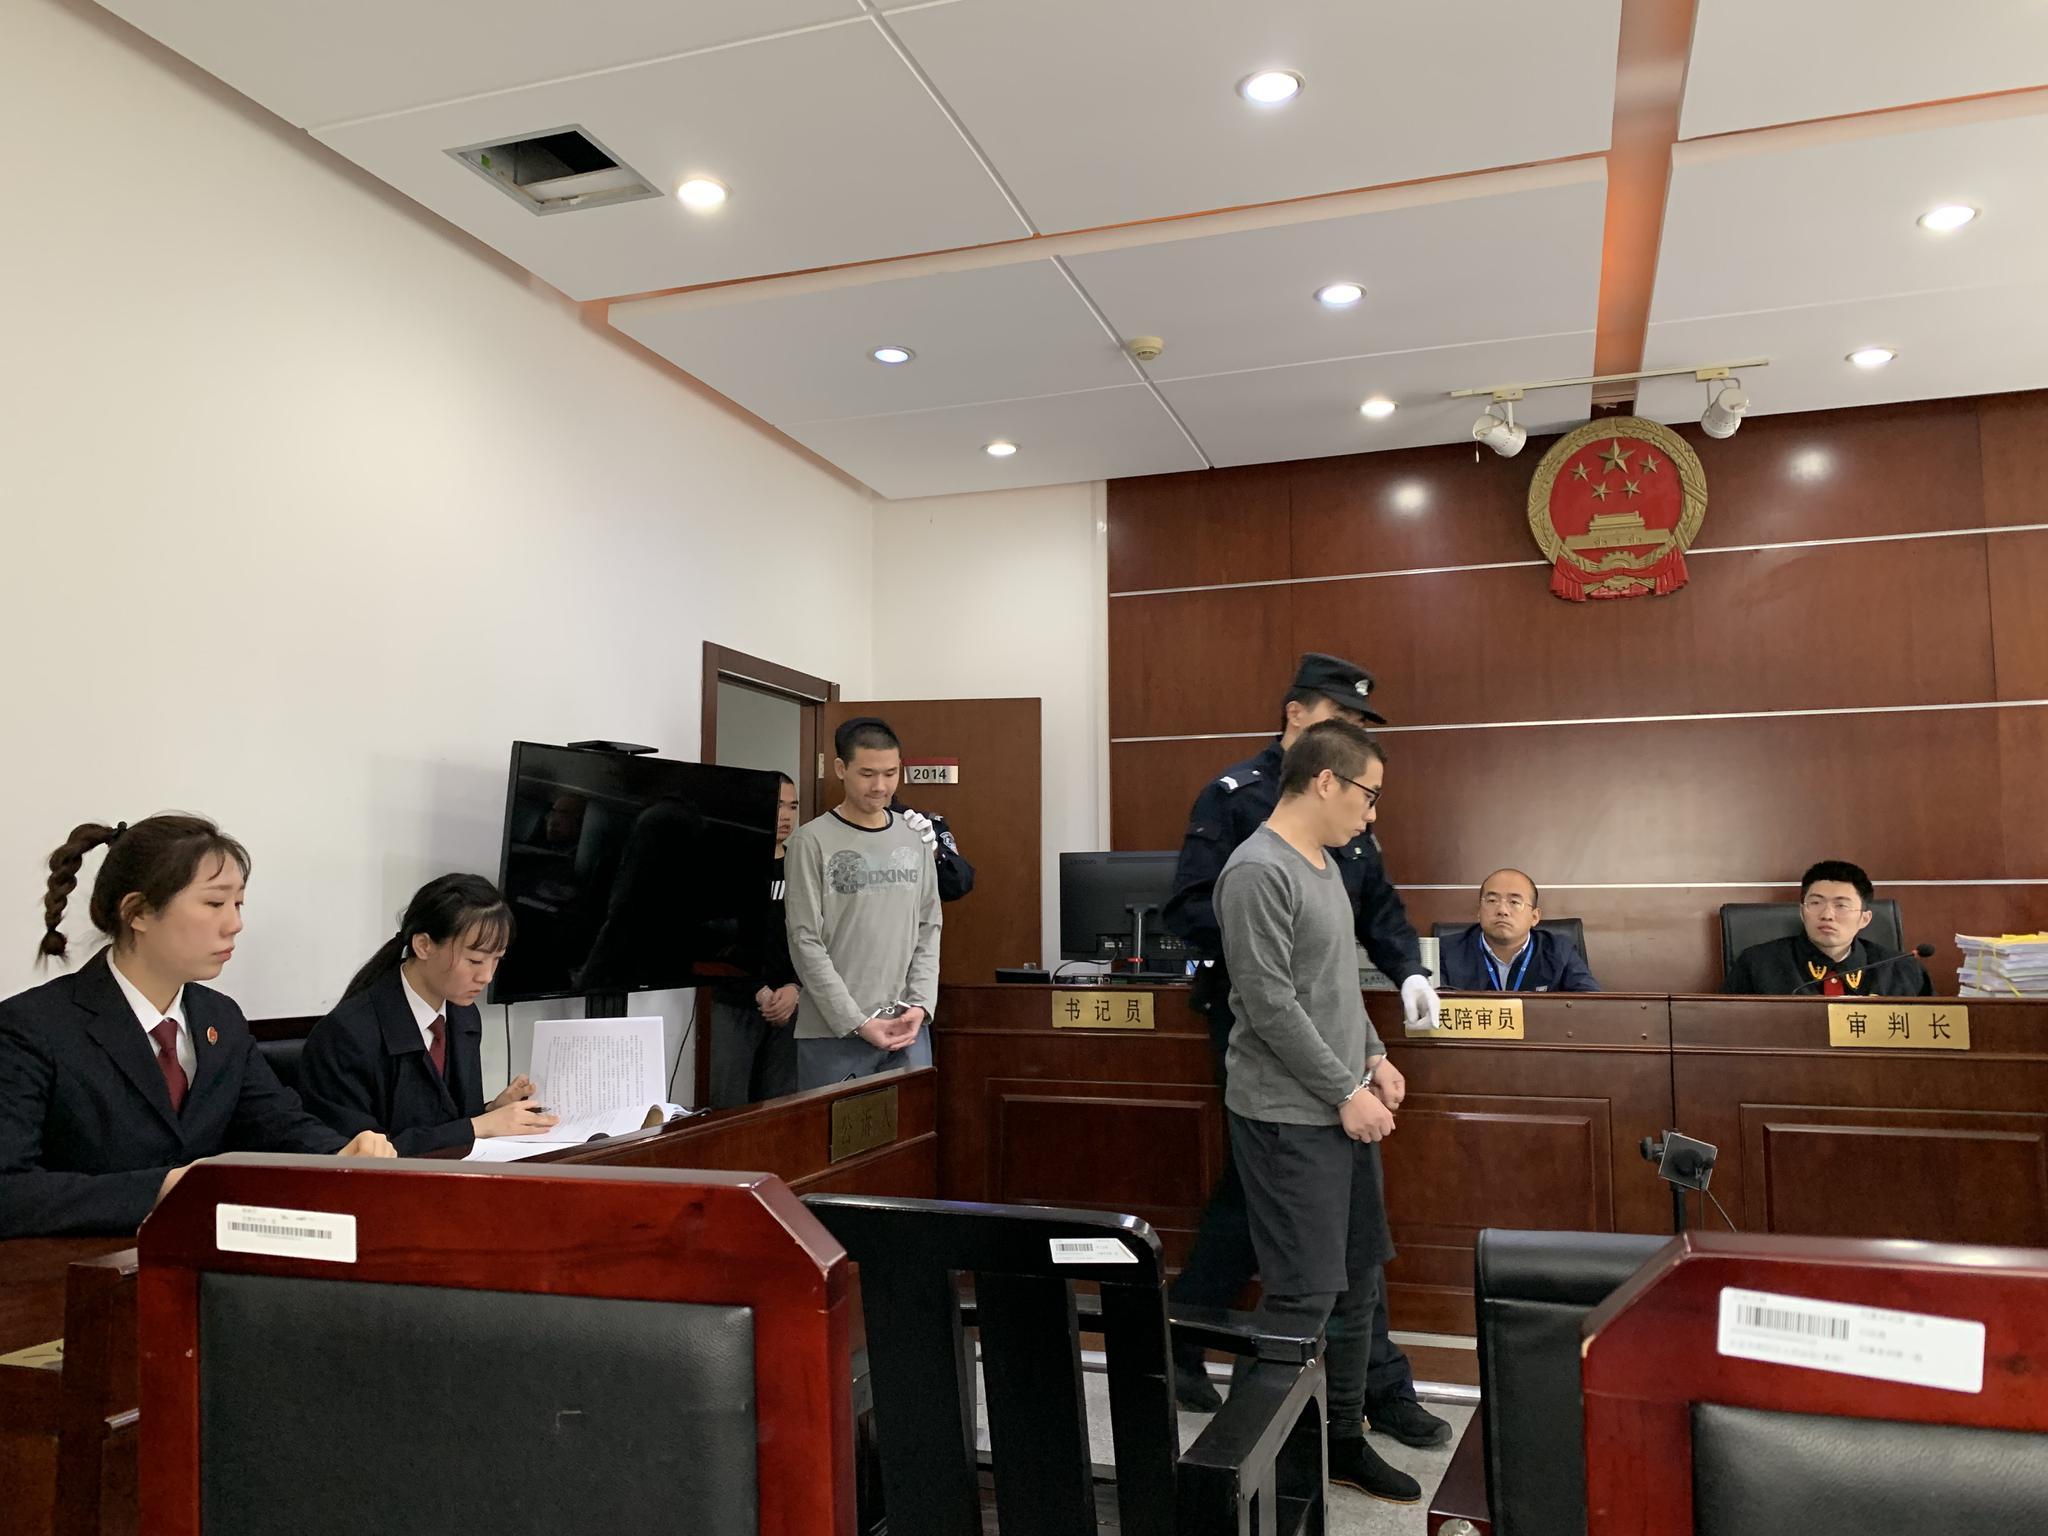 三名原告人被带上法庭,戴眼镜是王某。新京报记者 刘洋 摄